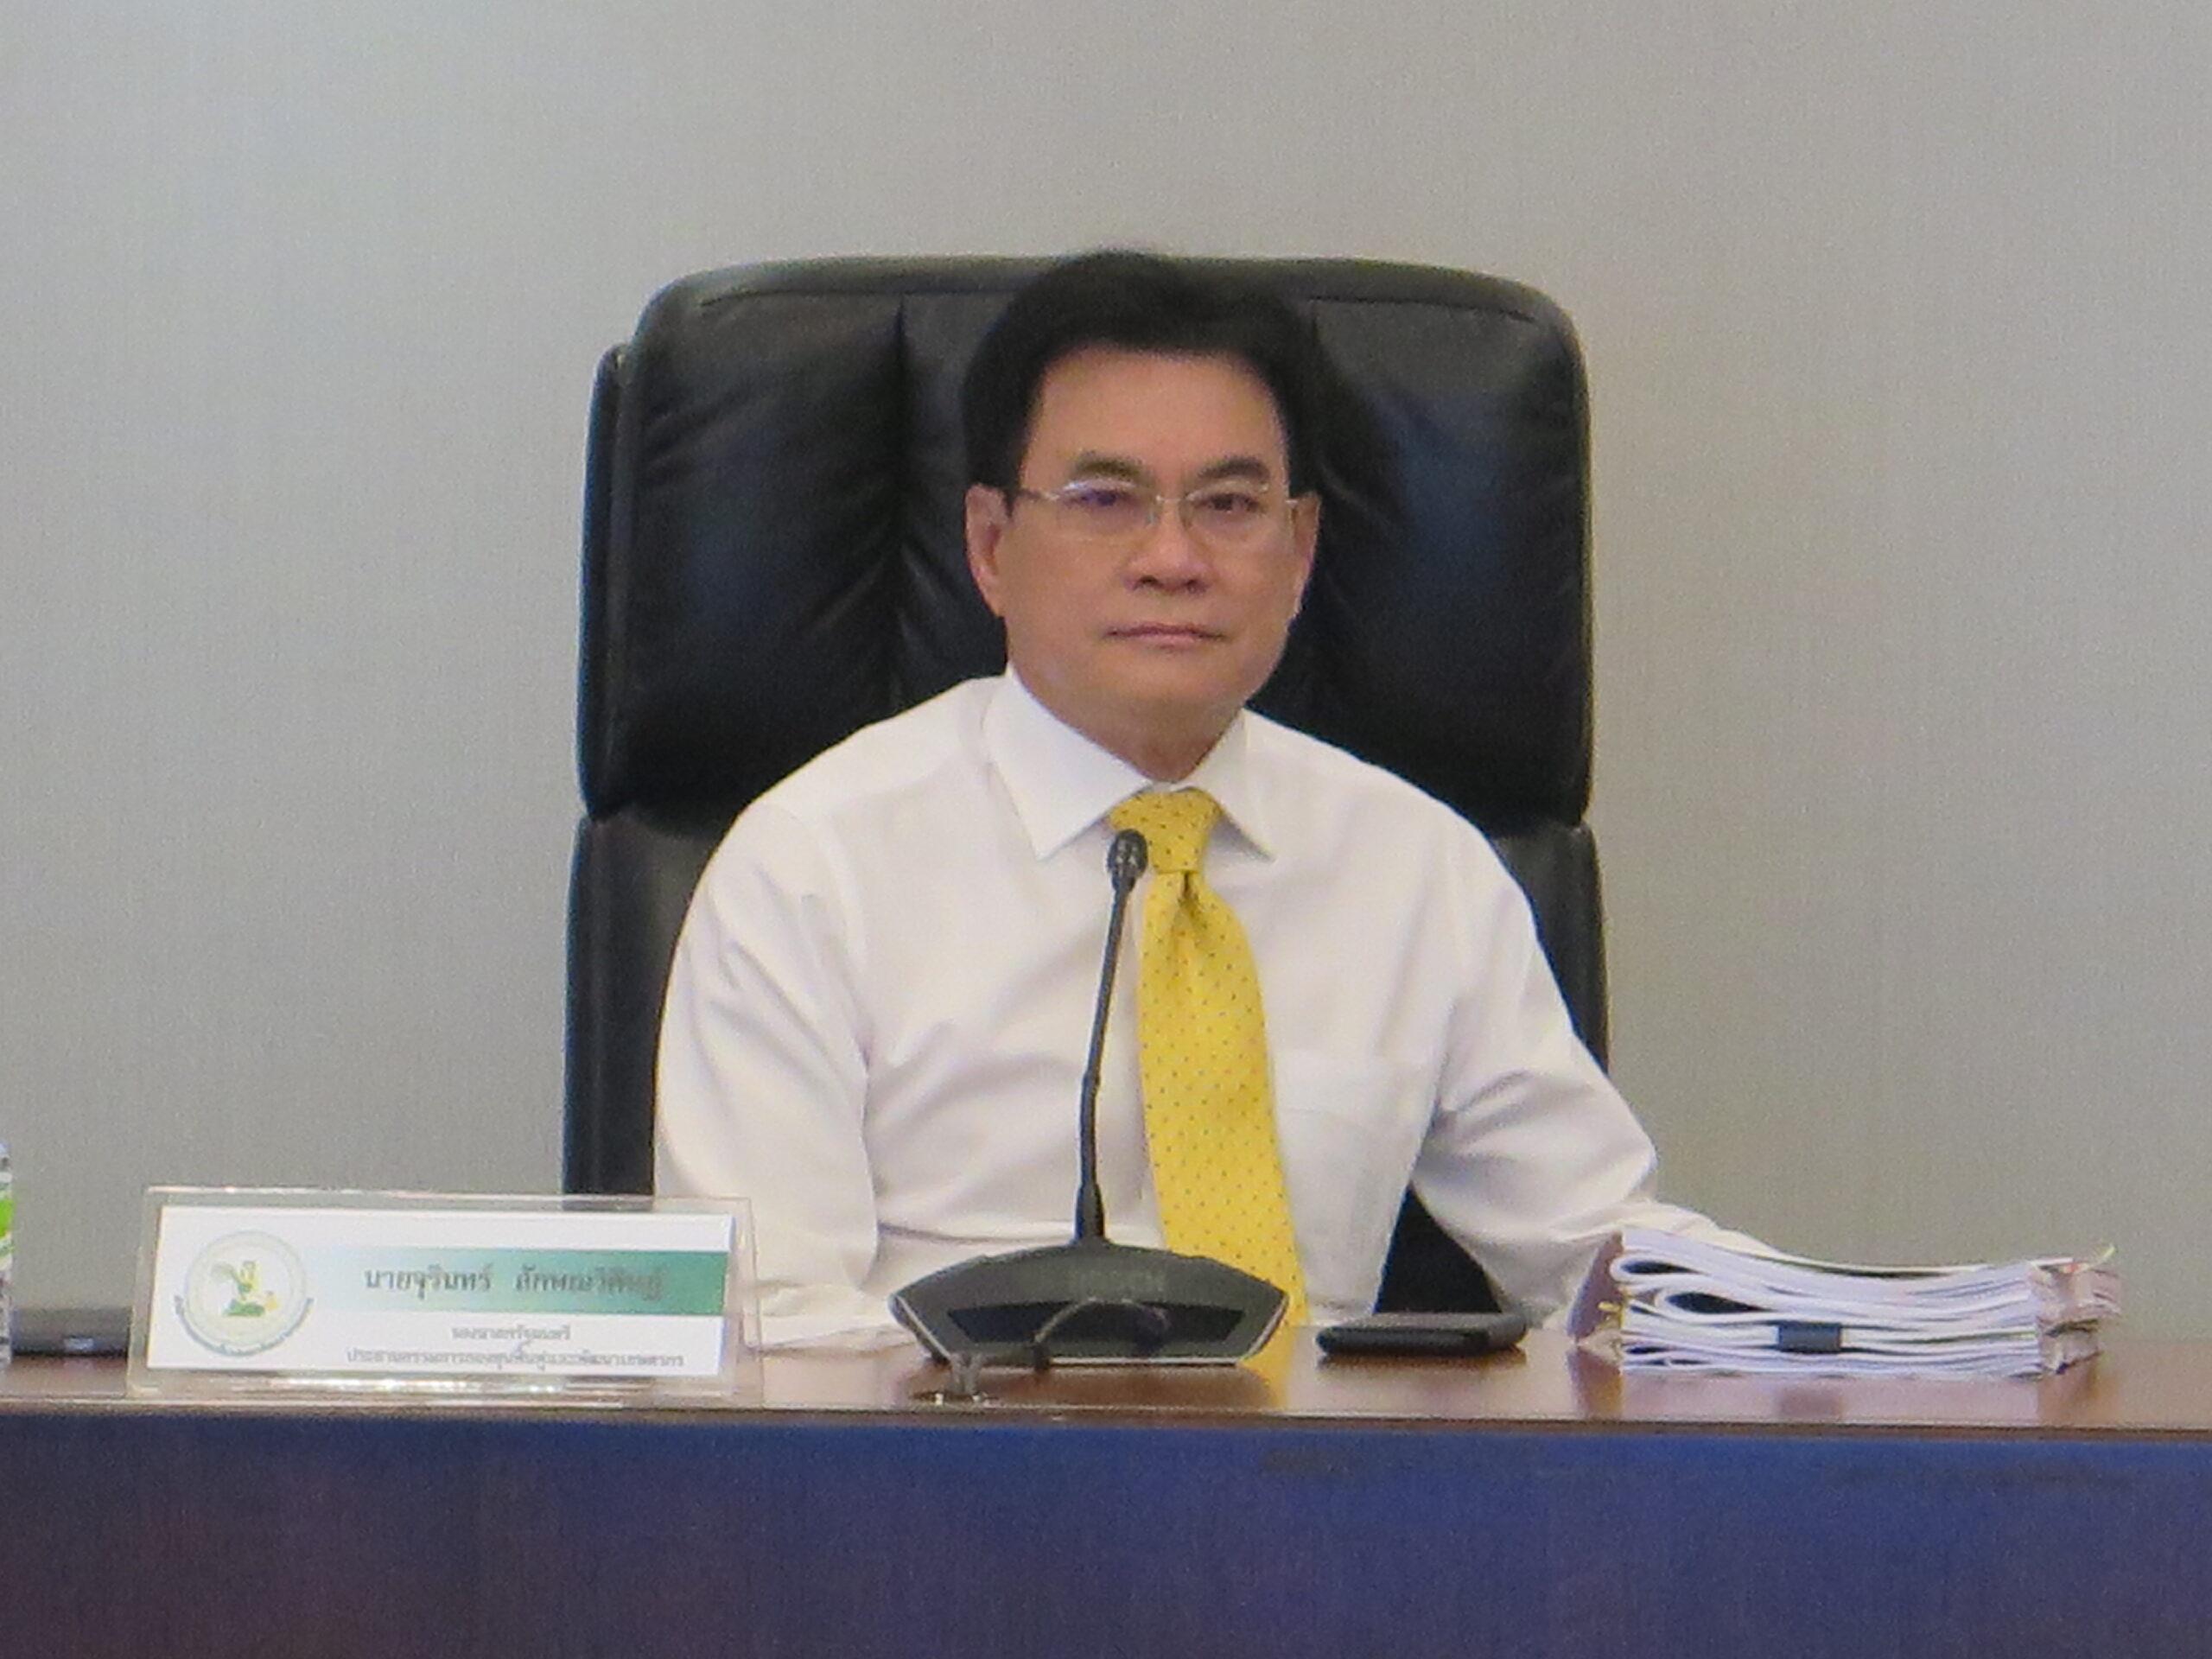 ประชุมคณะกรรมการกองทุนฟื้นฟูและพัฒนาเกษตรกร ครั้งที่ 3/2563